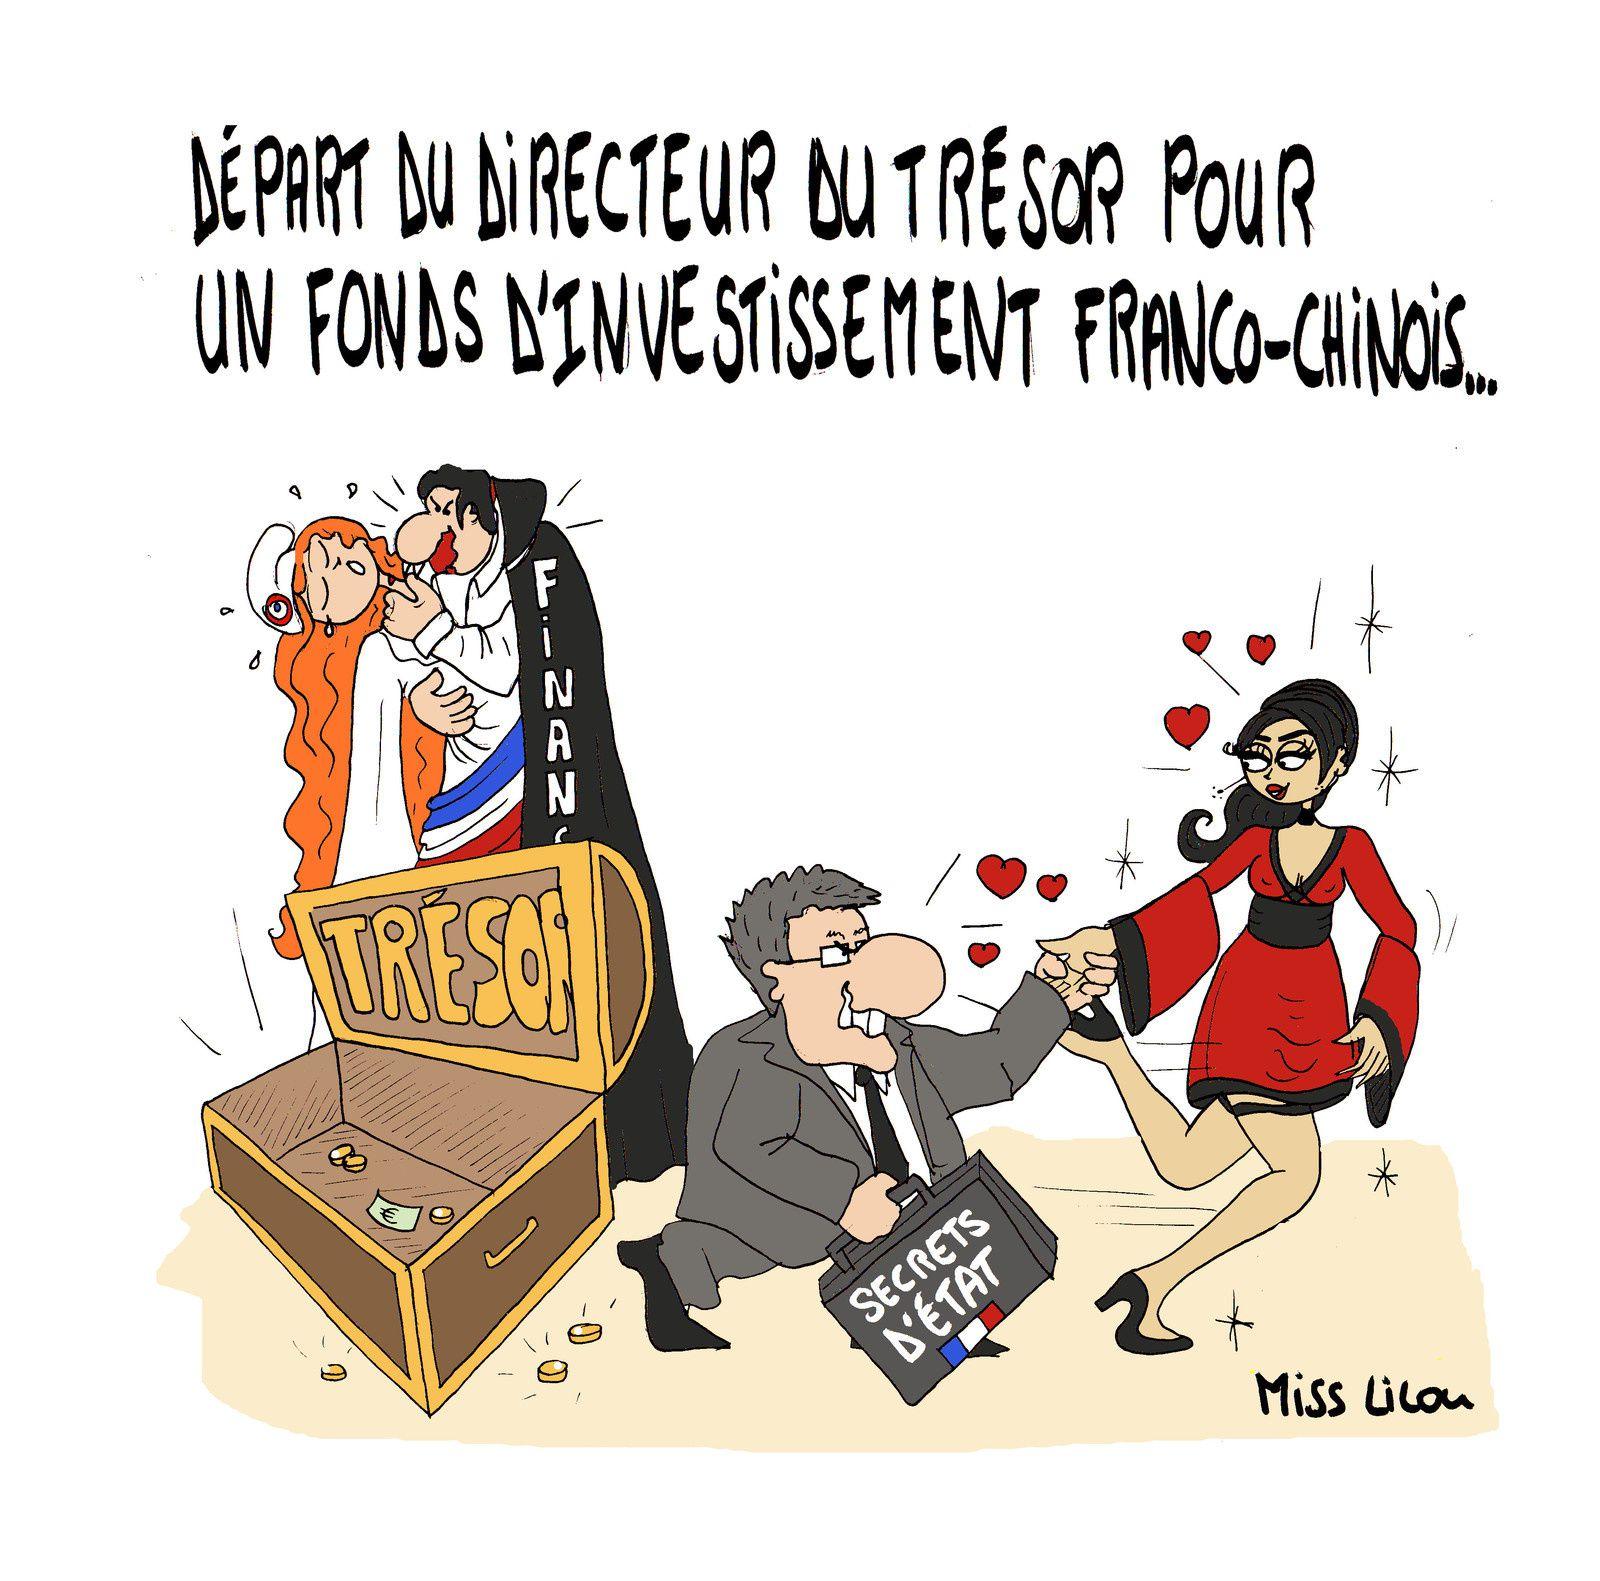 Départ du Directeur du Trésor pour un fonds d'investissement franco-chinois...